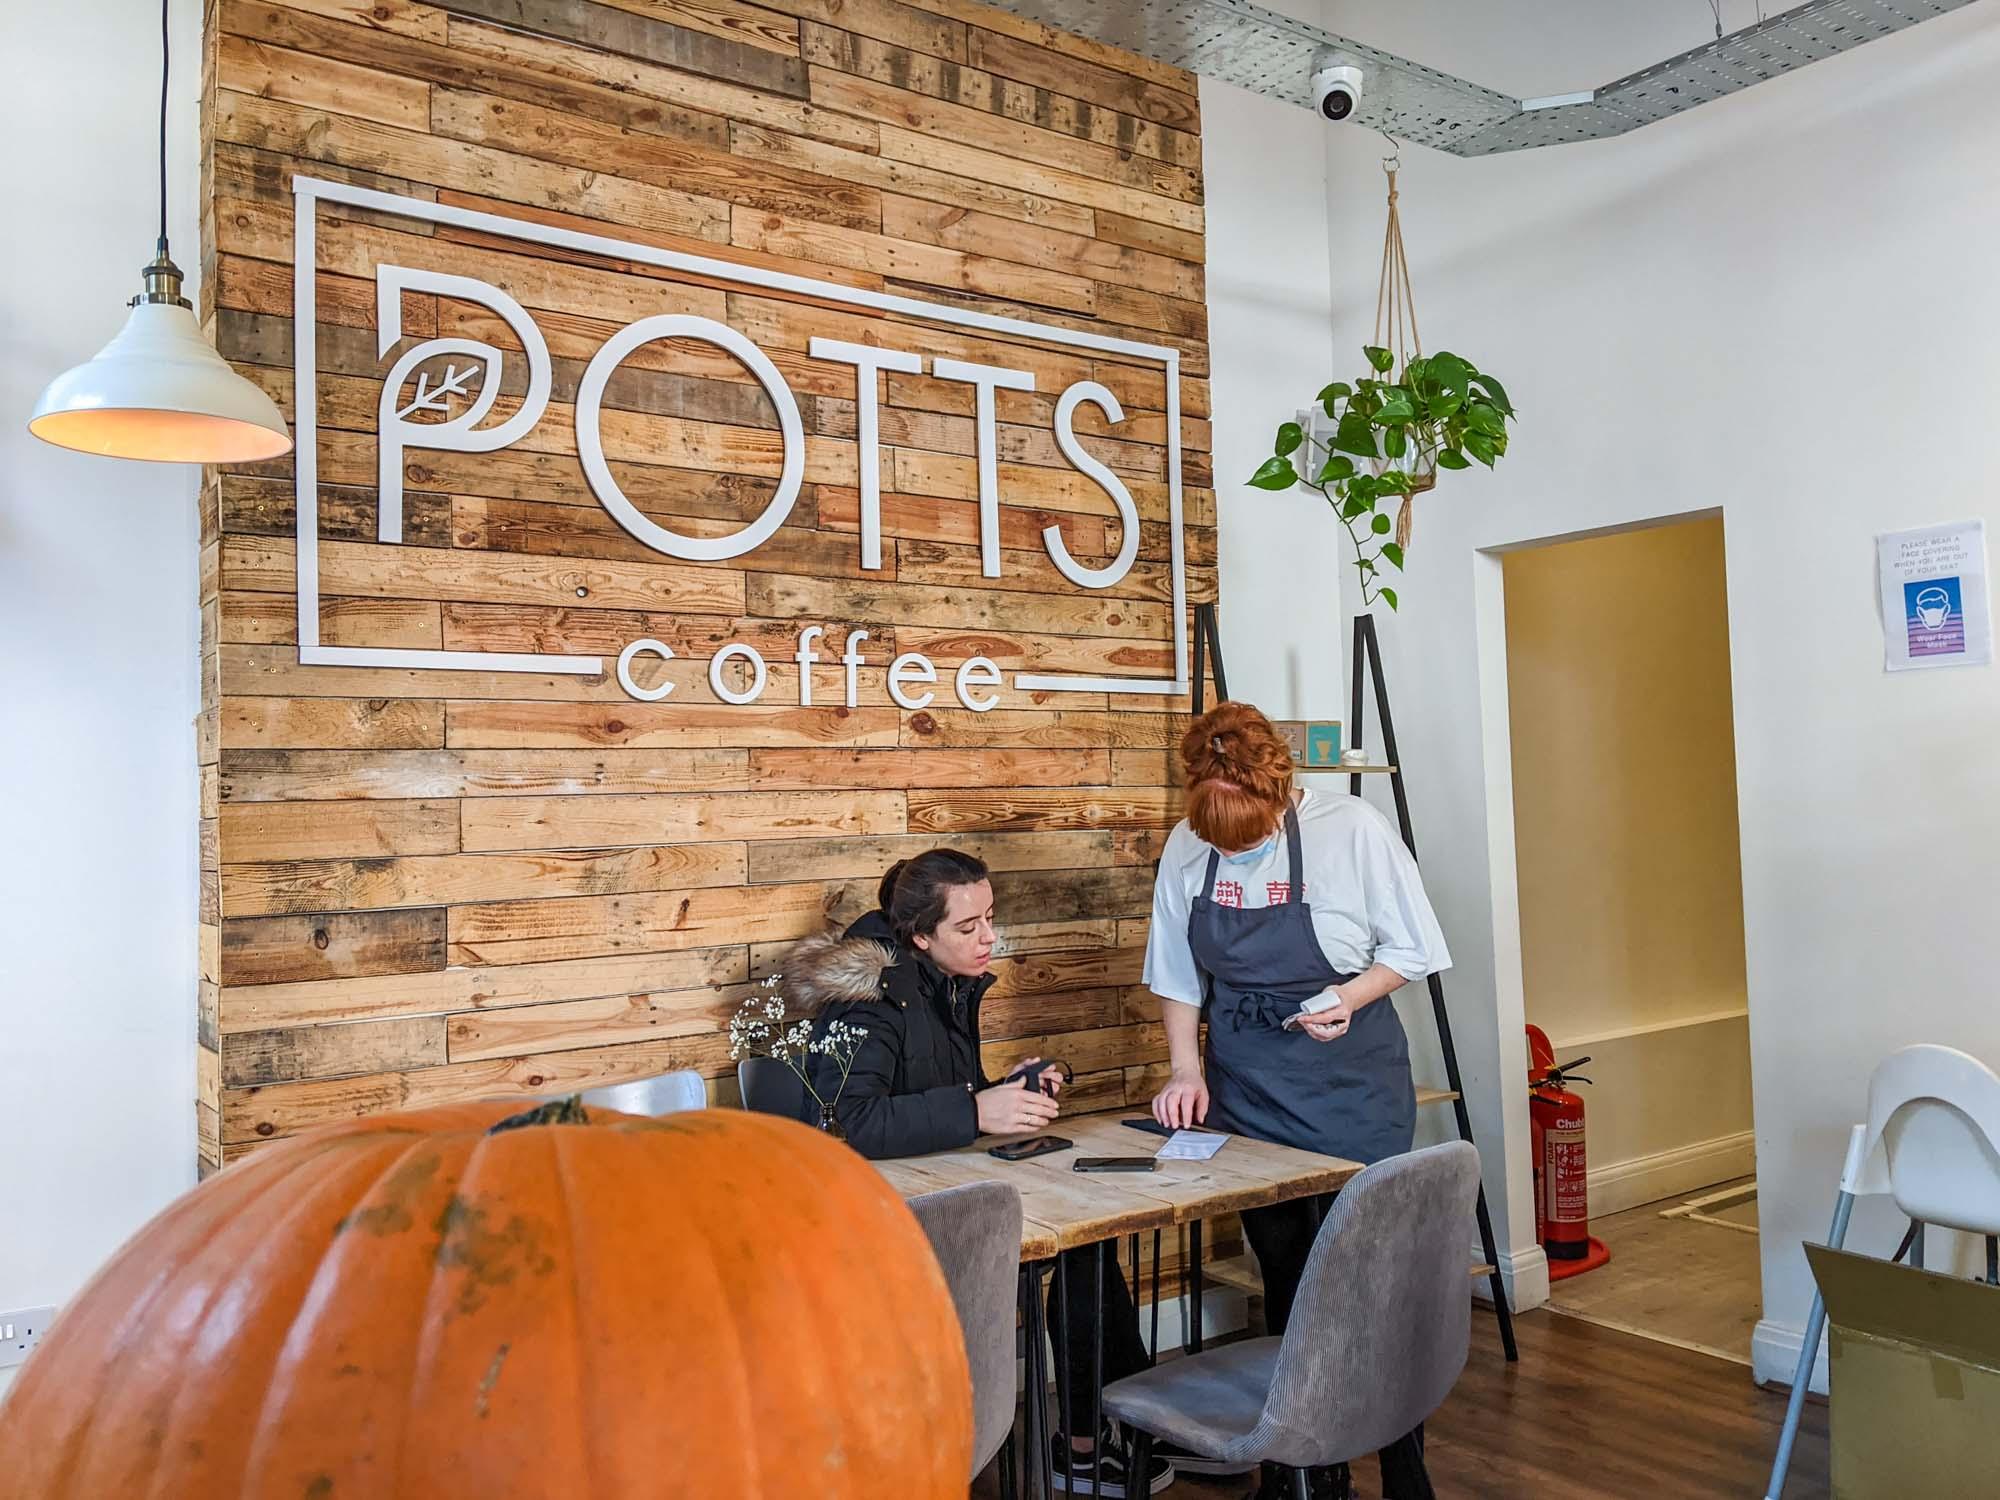 Potts Cafe